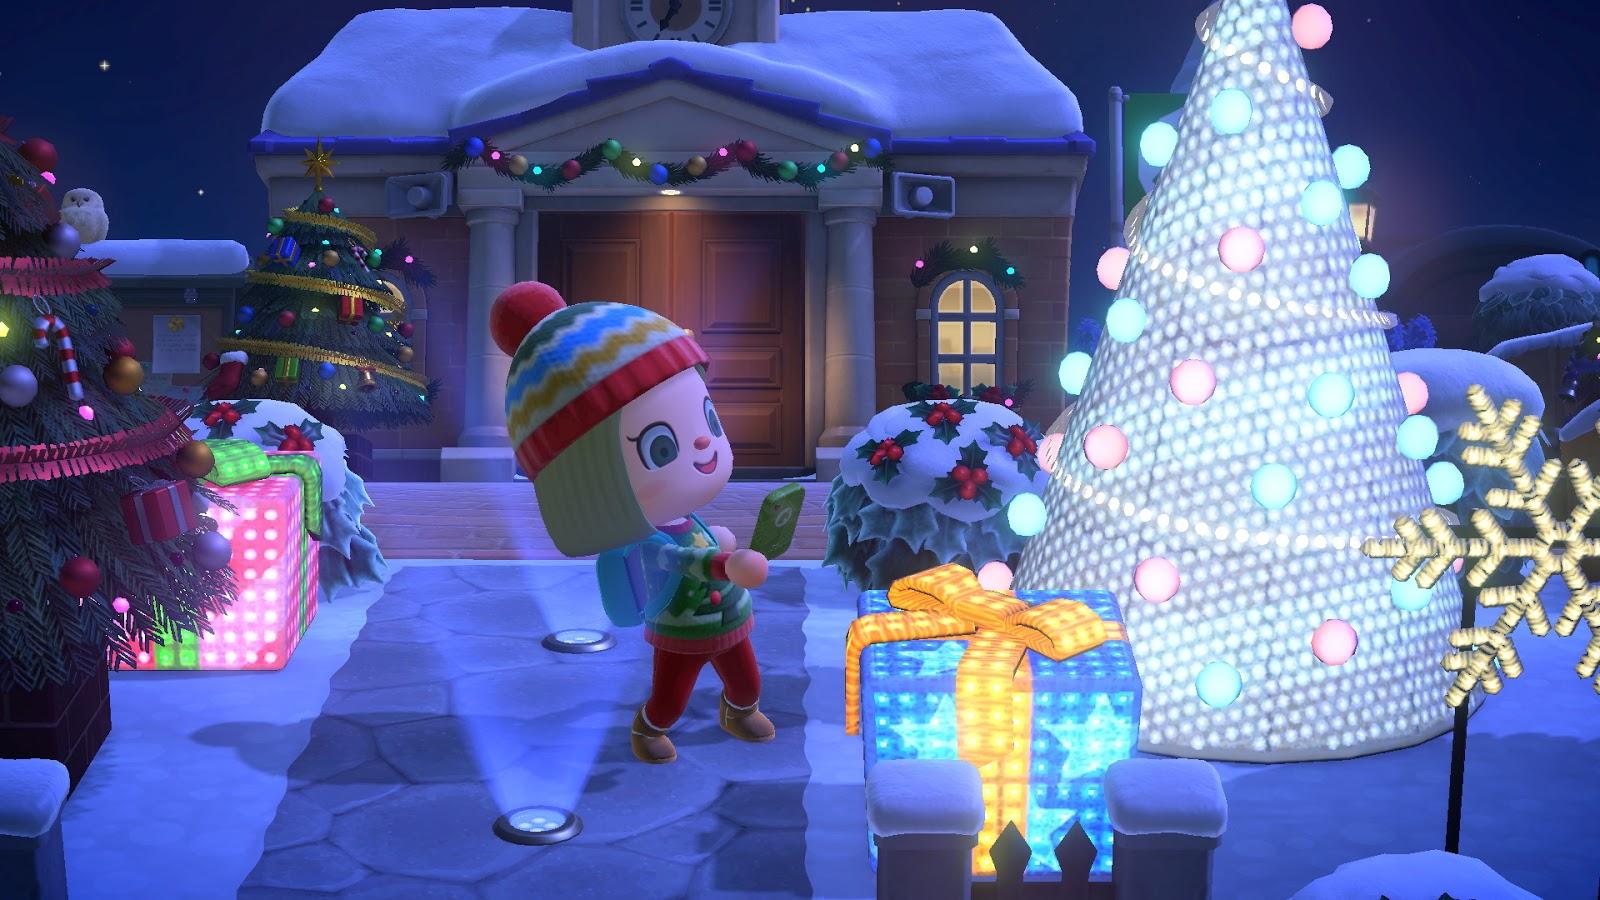 《动物森友会》再次限制穿越者 没法提前看圣诞节了